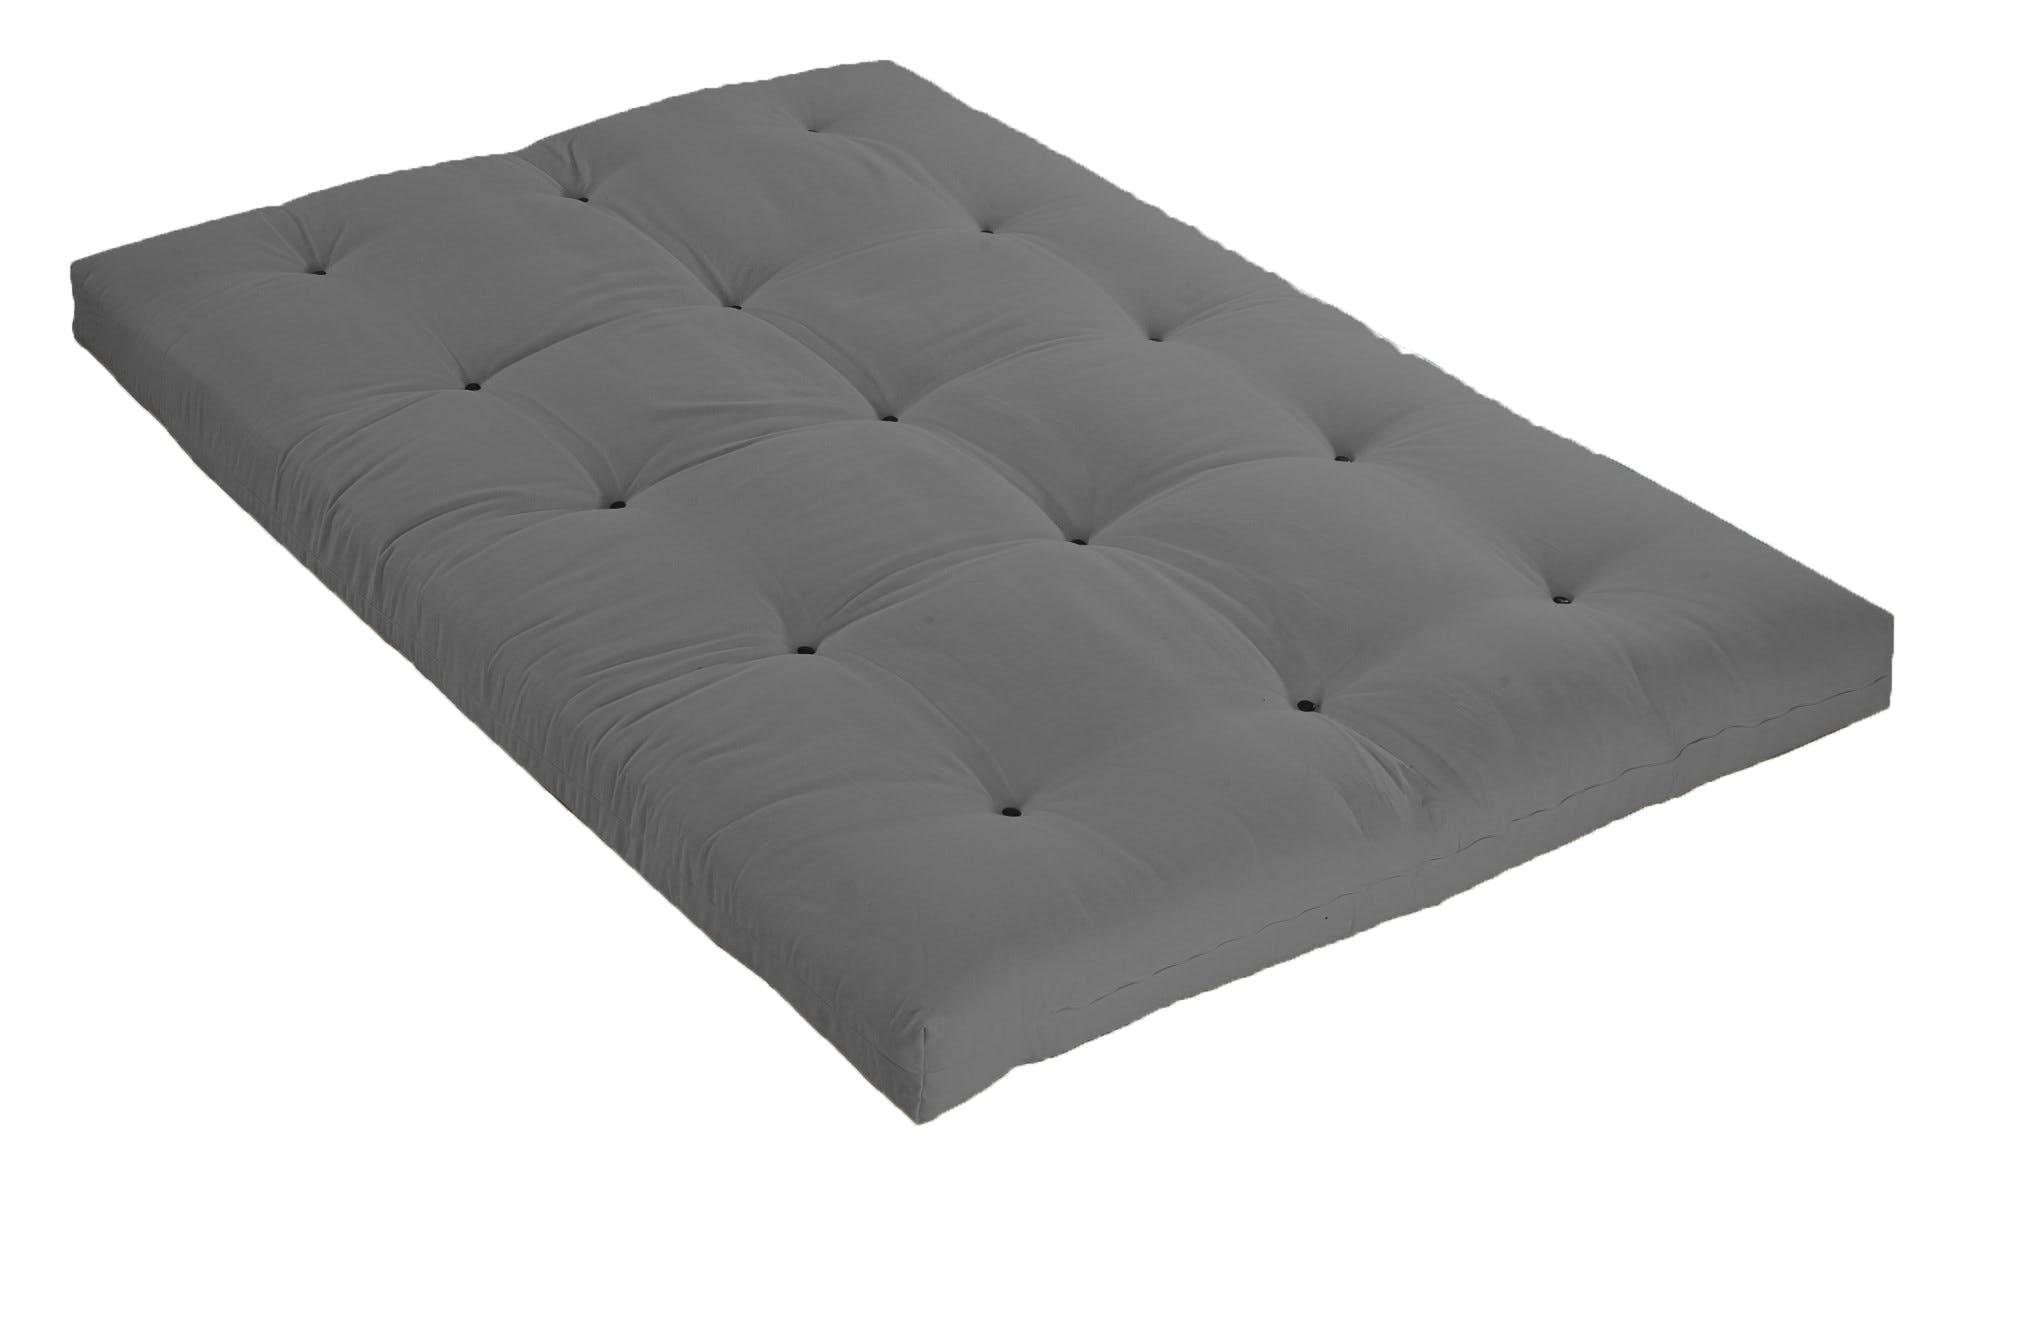 Véritable Futon coton 2 pers 140 X 190 cm gris